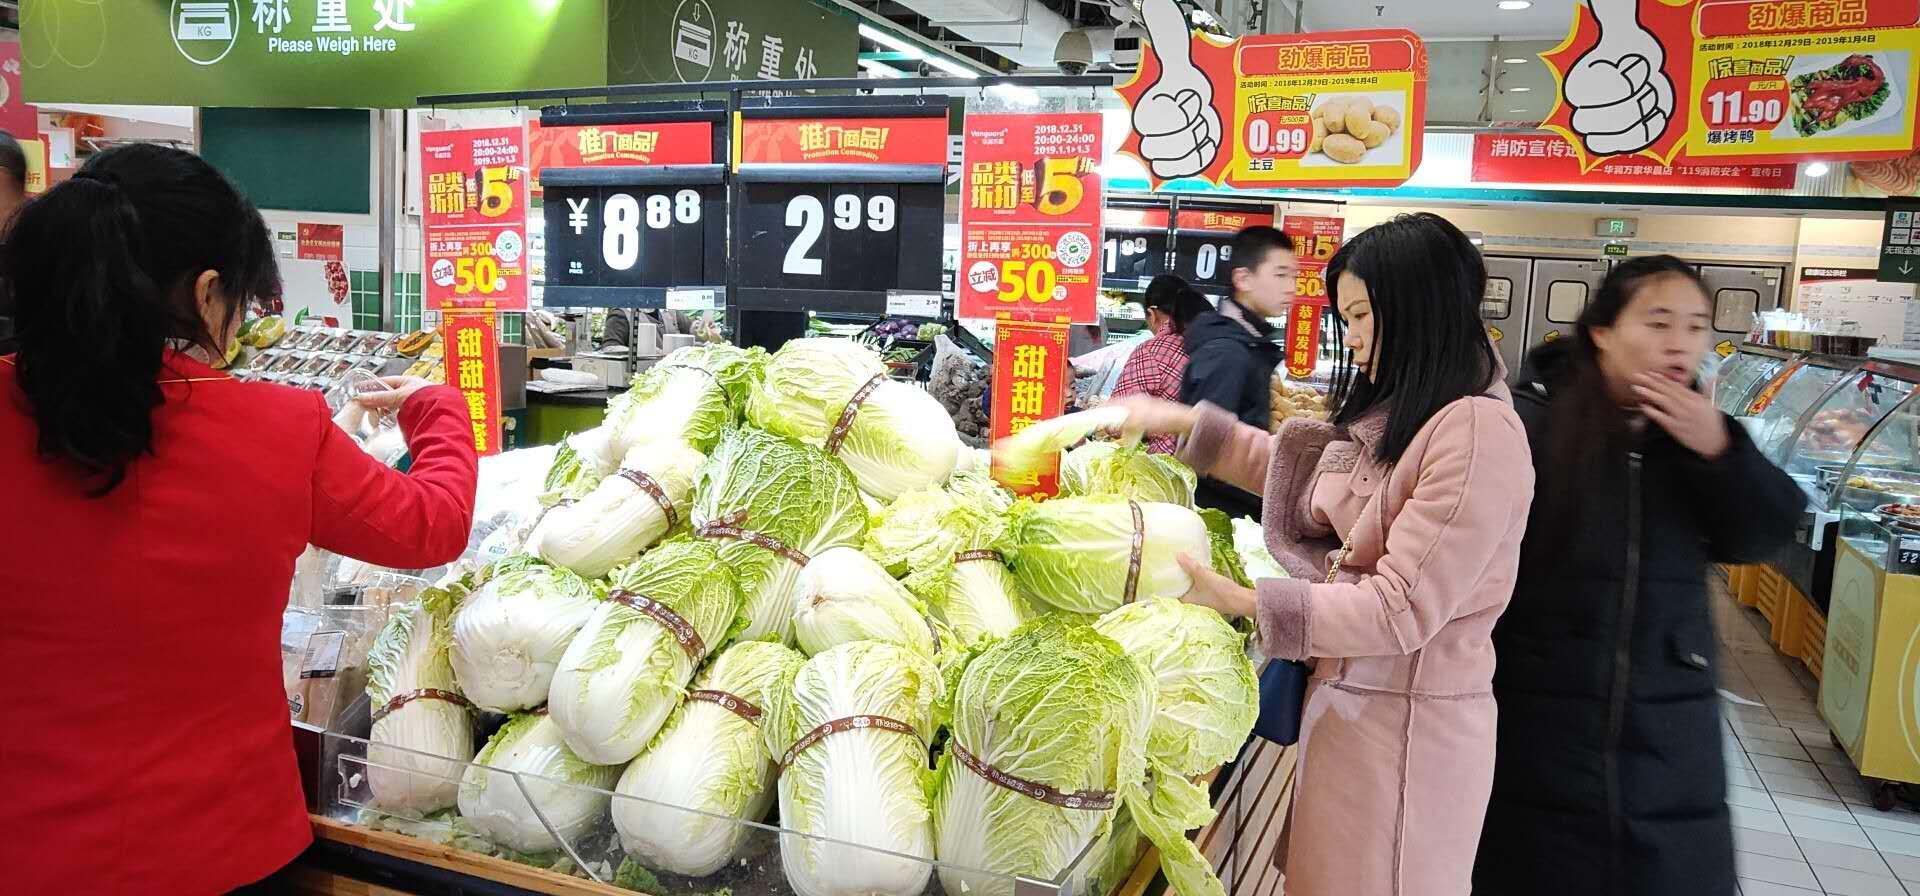 迎战冰雪丨羊肉、萝卜受欢迎,超市菜价平稳